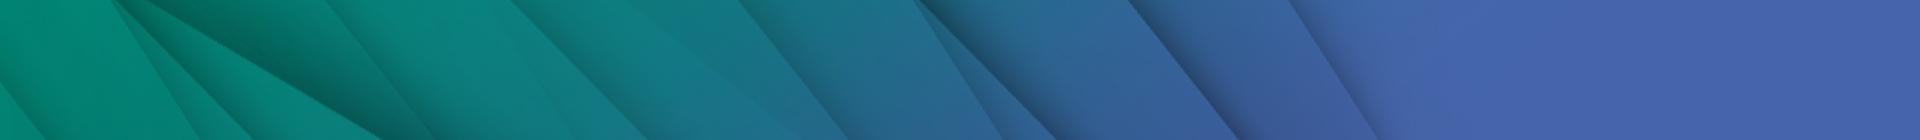 """DFG Graduiertenkolleg 2153: """"Energiezustandsdaten - Informatik-Methoden zur Erfassung, Analyse und Nutzung"""""""